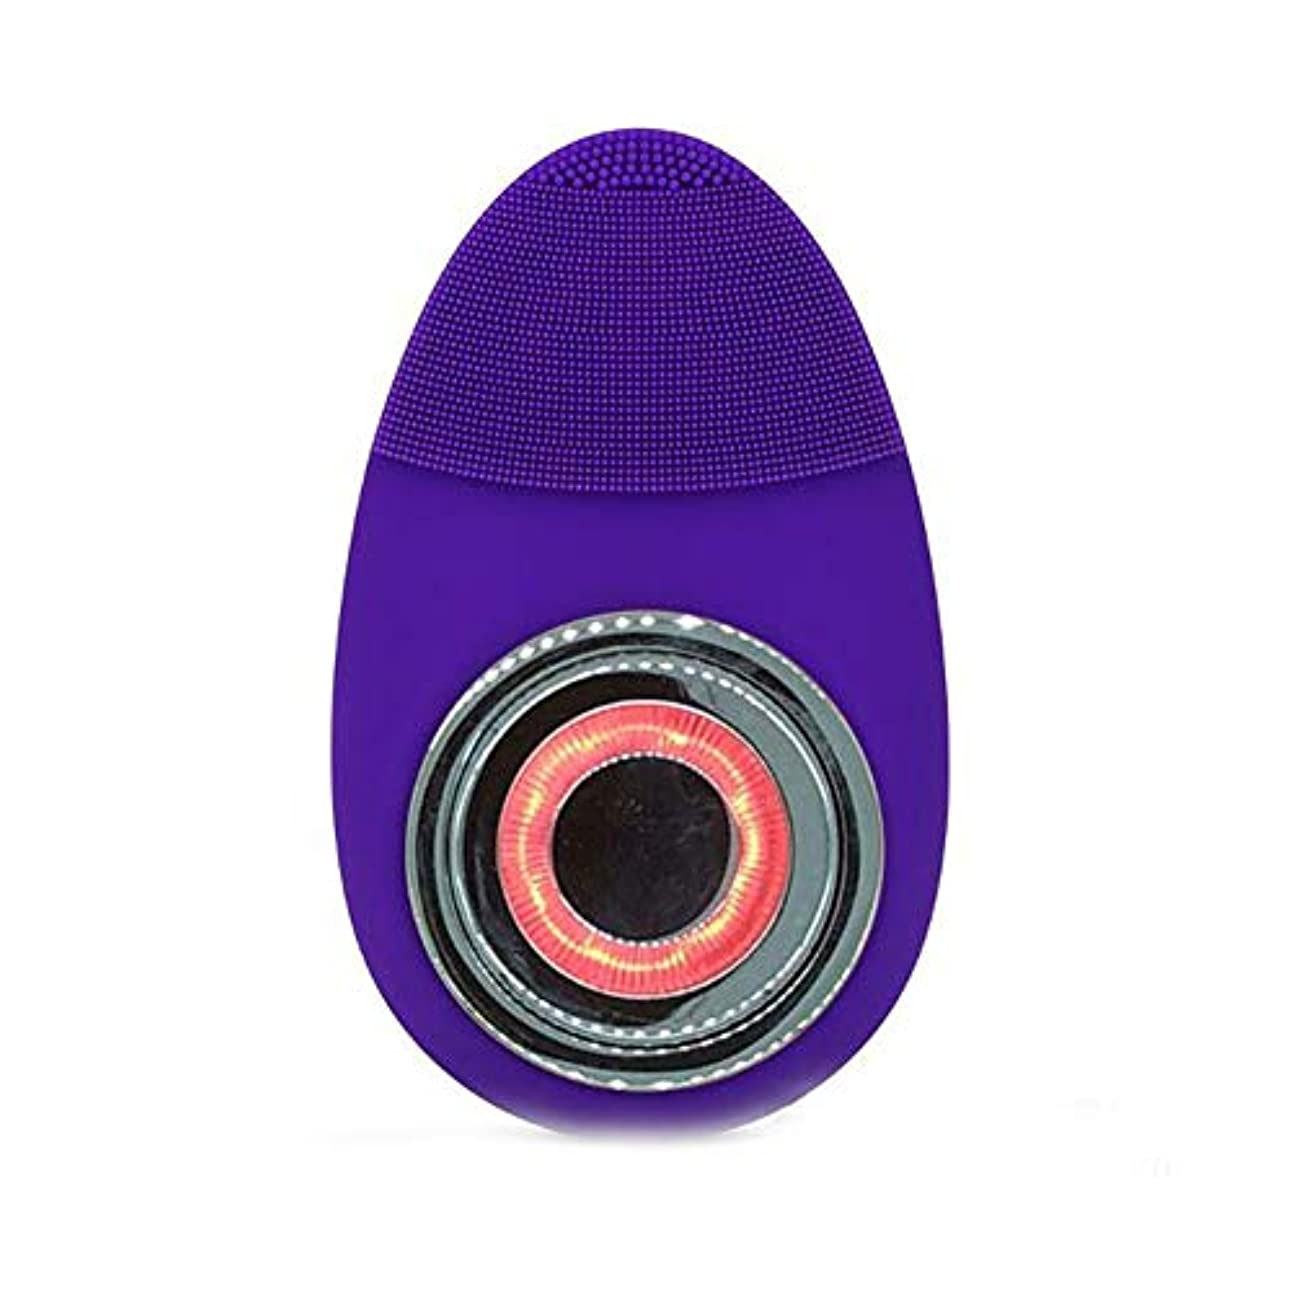 野な古い戦略電子美容機器赤光クレンジング楽器防水シリコーン超音波洗浄顔色若返りマッサージ器,Blue